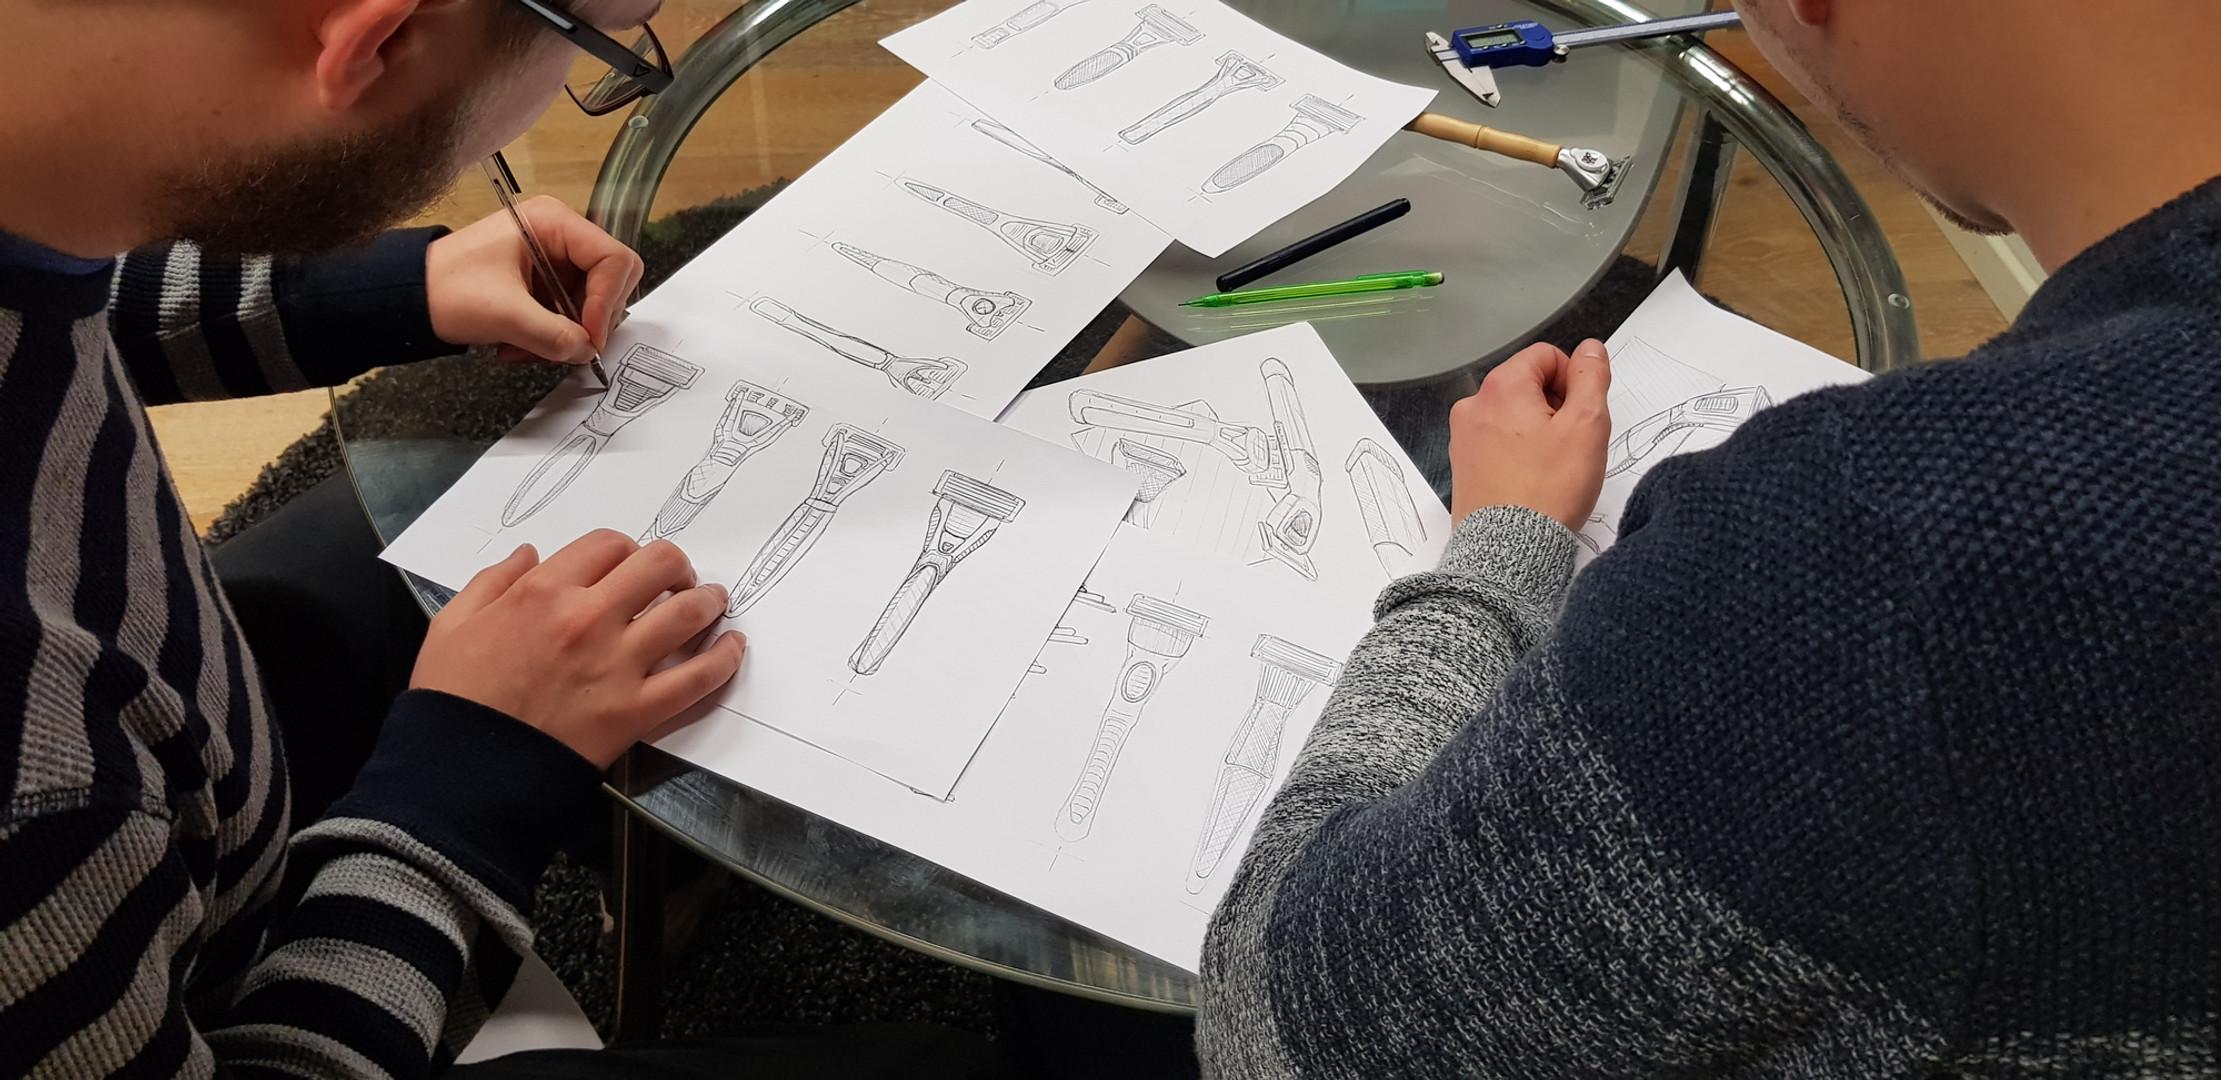 Sketching razor handle designs